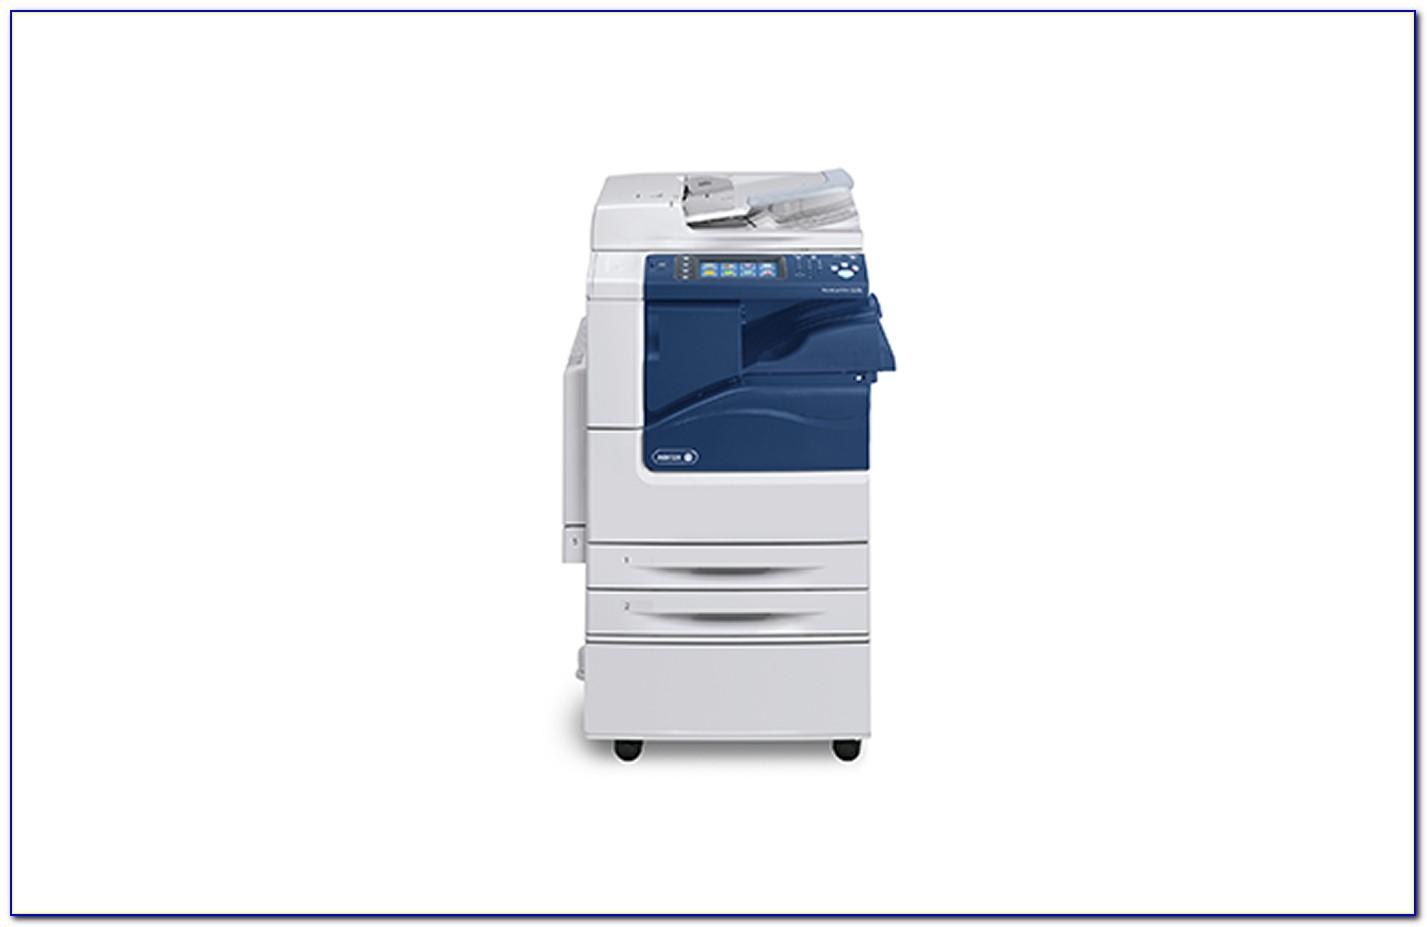 Xerox Wc 5945 Specs